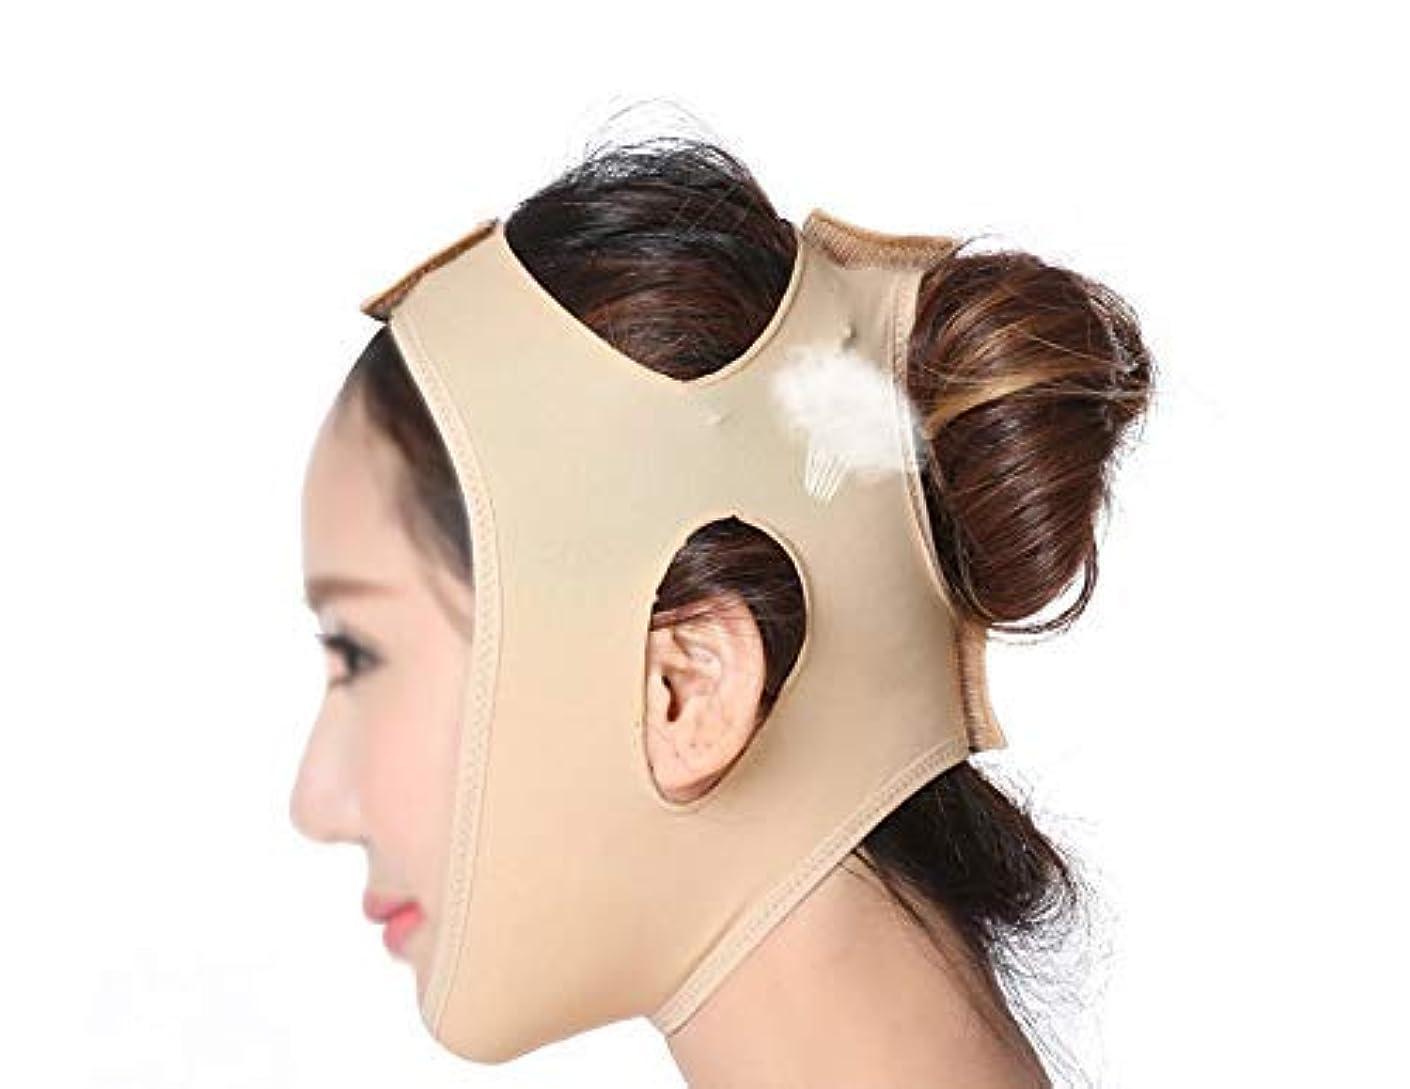 望みジュラシックパーク一般的にファーミングフェイスマスク、フェイシャルマスク睡眠薄いフェイスバンデージ薄いフェイスマスクフェイスリフティングフェイスメロンフェイスVフェイスリフティングファーミングダブルチン美容ツール(サイズ:M),M